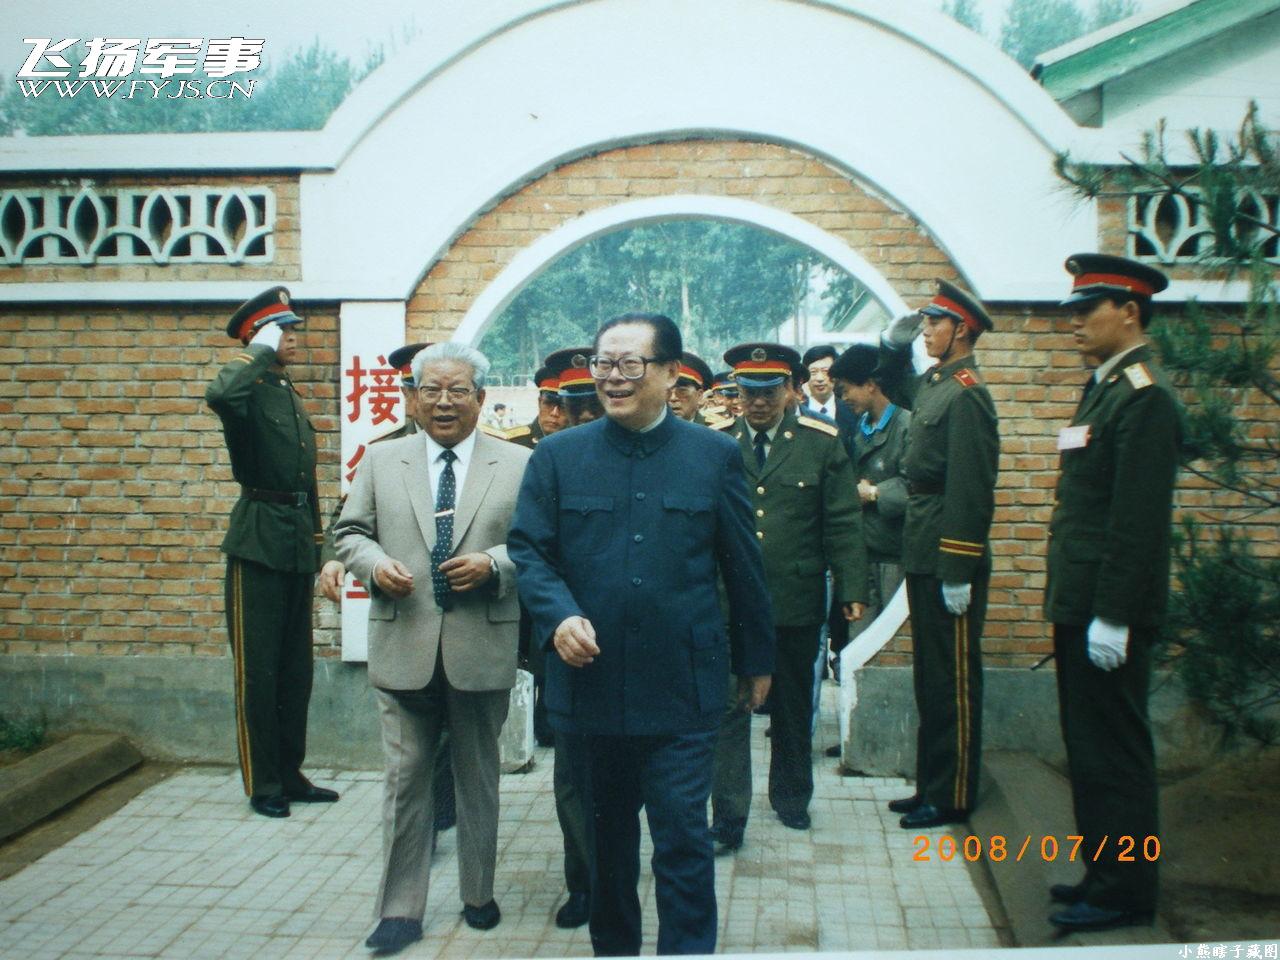 转贴:1999年国庆大阅兵及阅兵村珍贵图集!